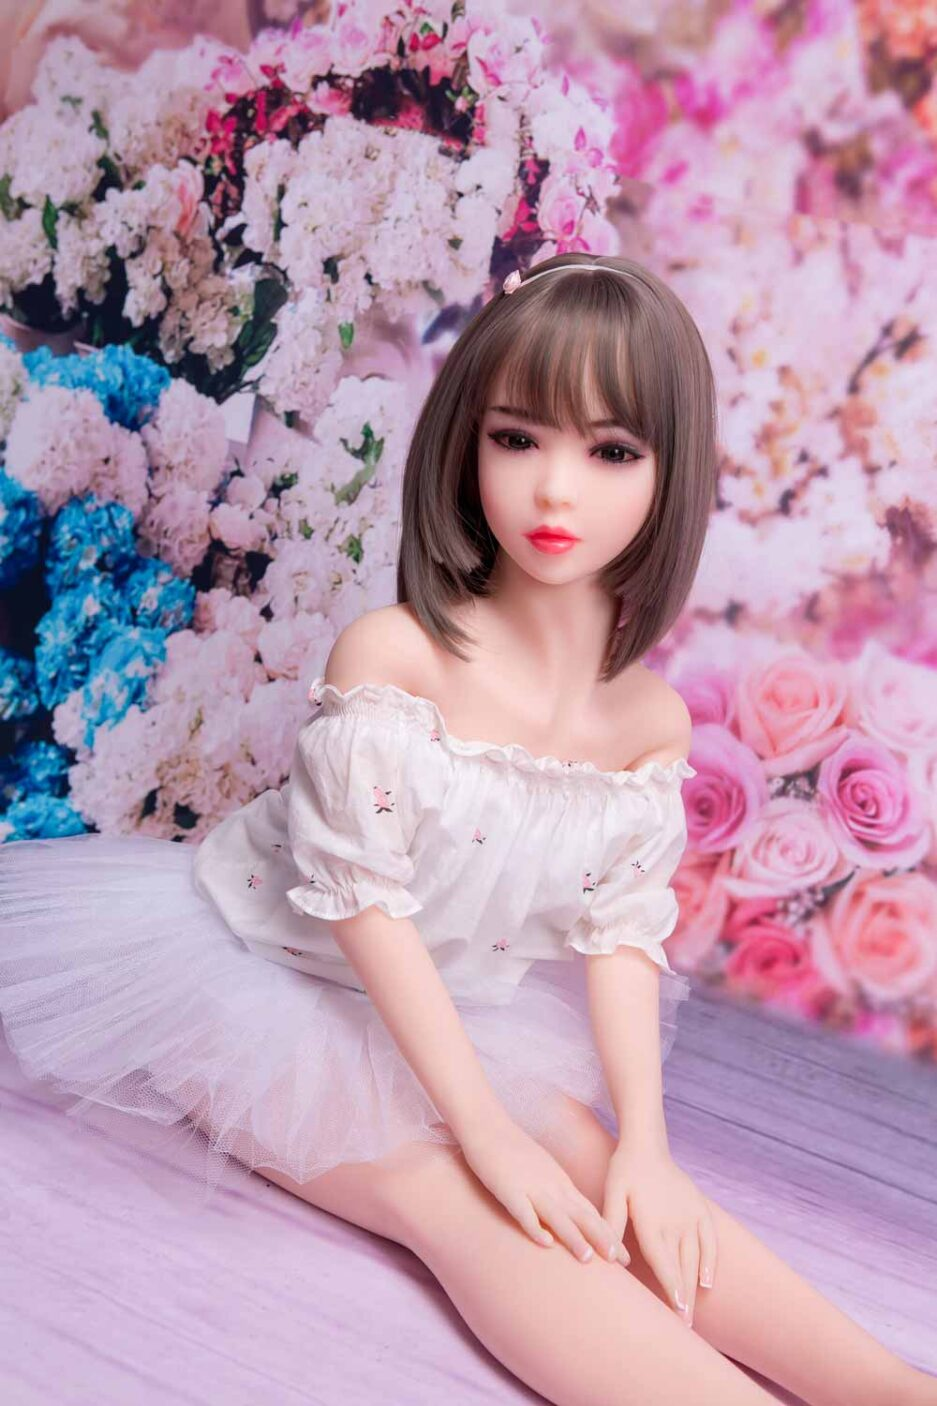 Mini sex doll in white skirt